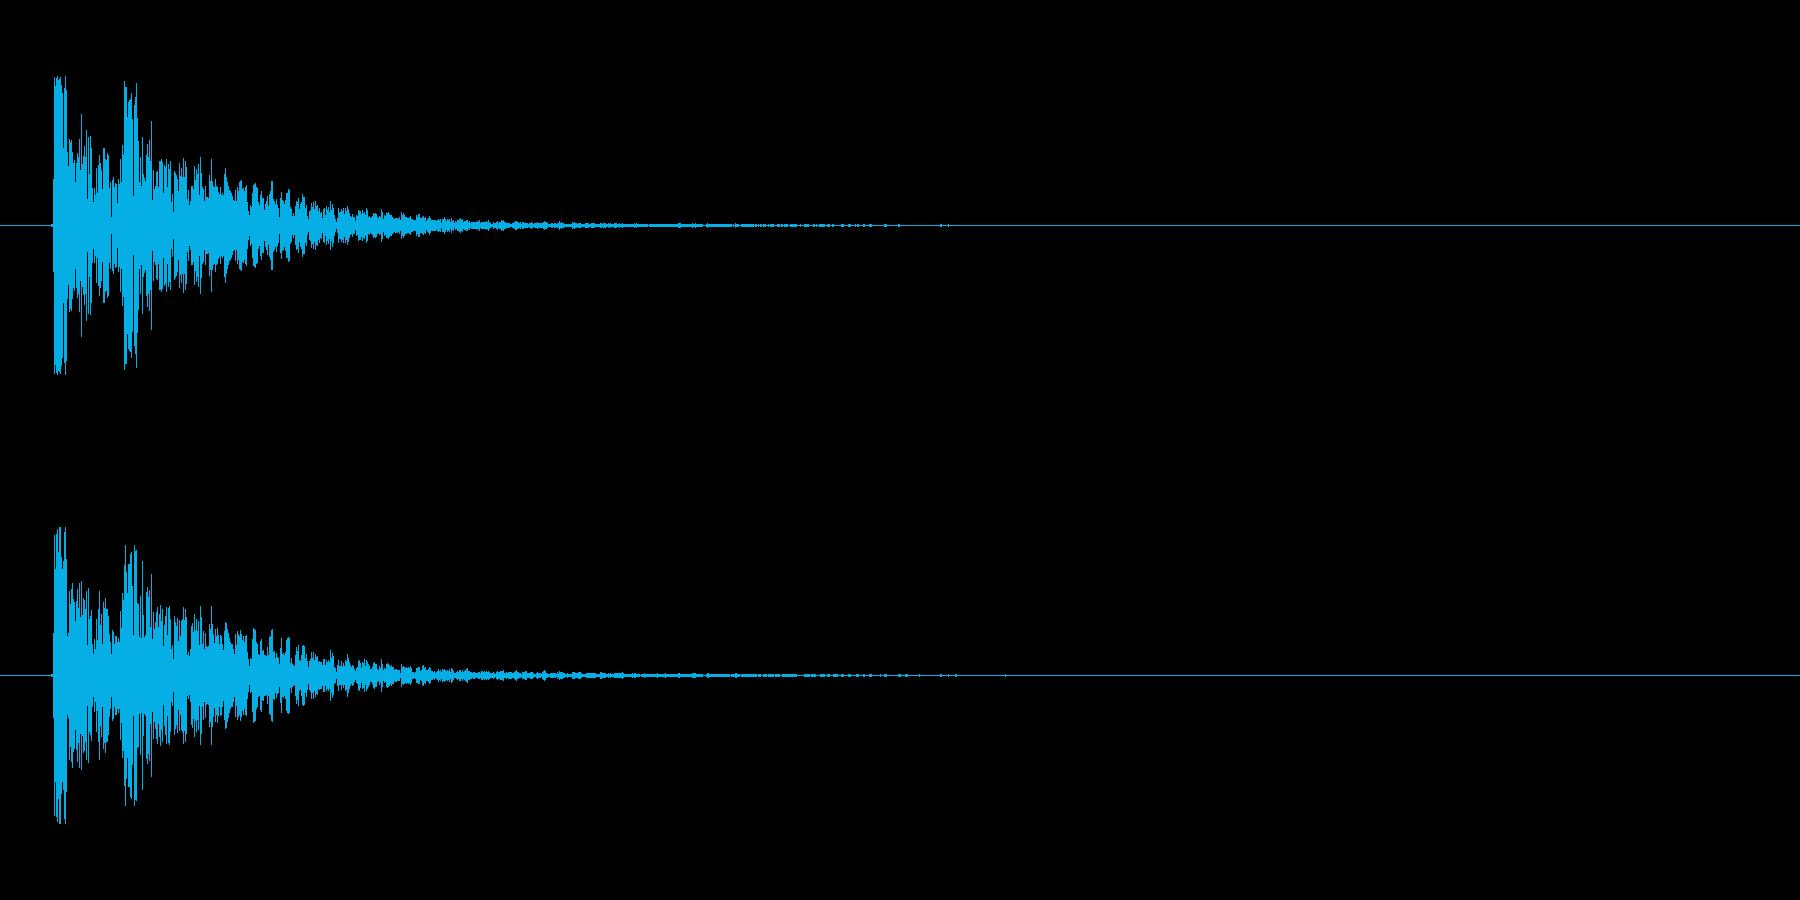 【衝撃03-2】の再生済みの波形